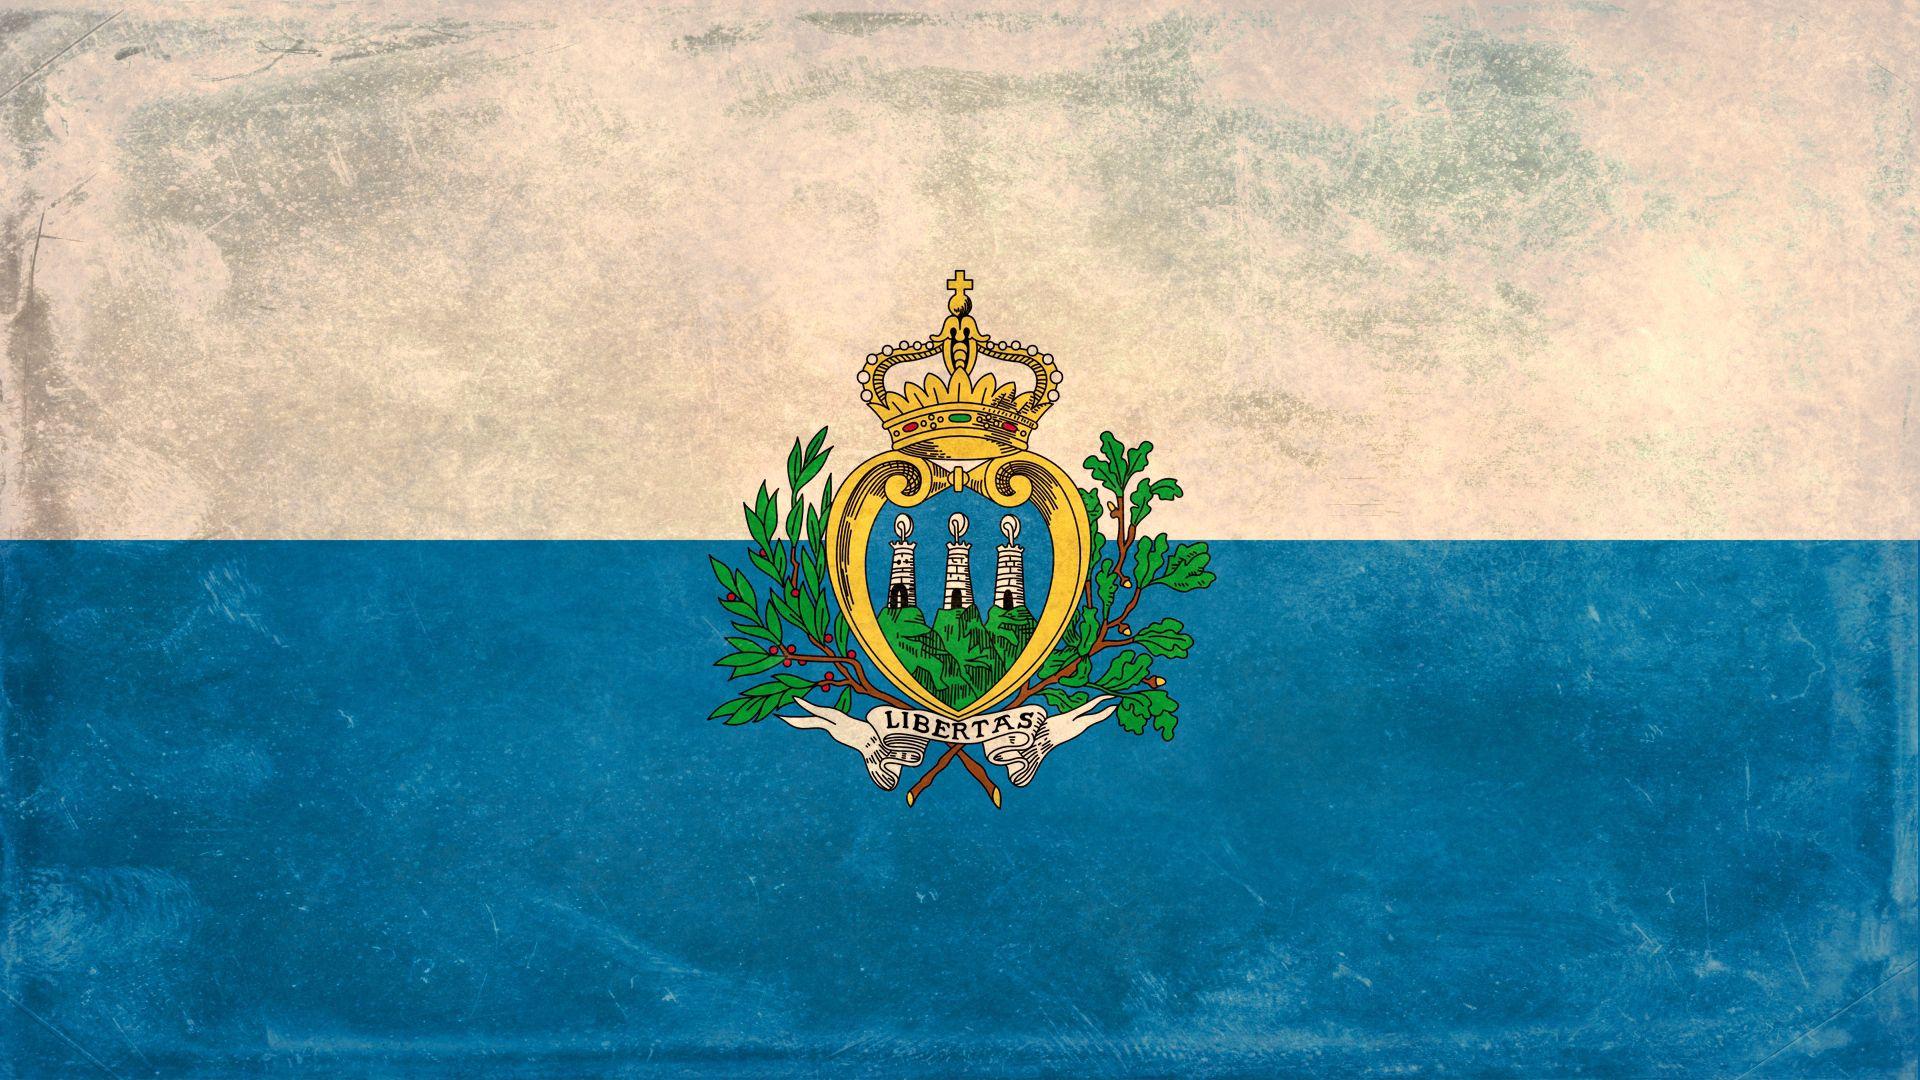 73472 скачать обои Текстуры, Флаг, Сан-Марино, Текстура, Фон, Краска, Пятна - заставки и картинки бесплатно